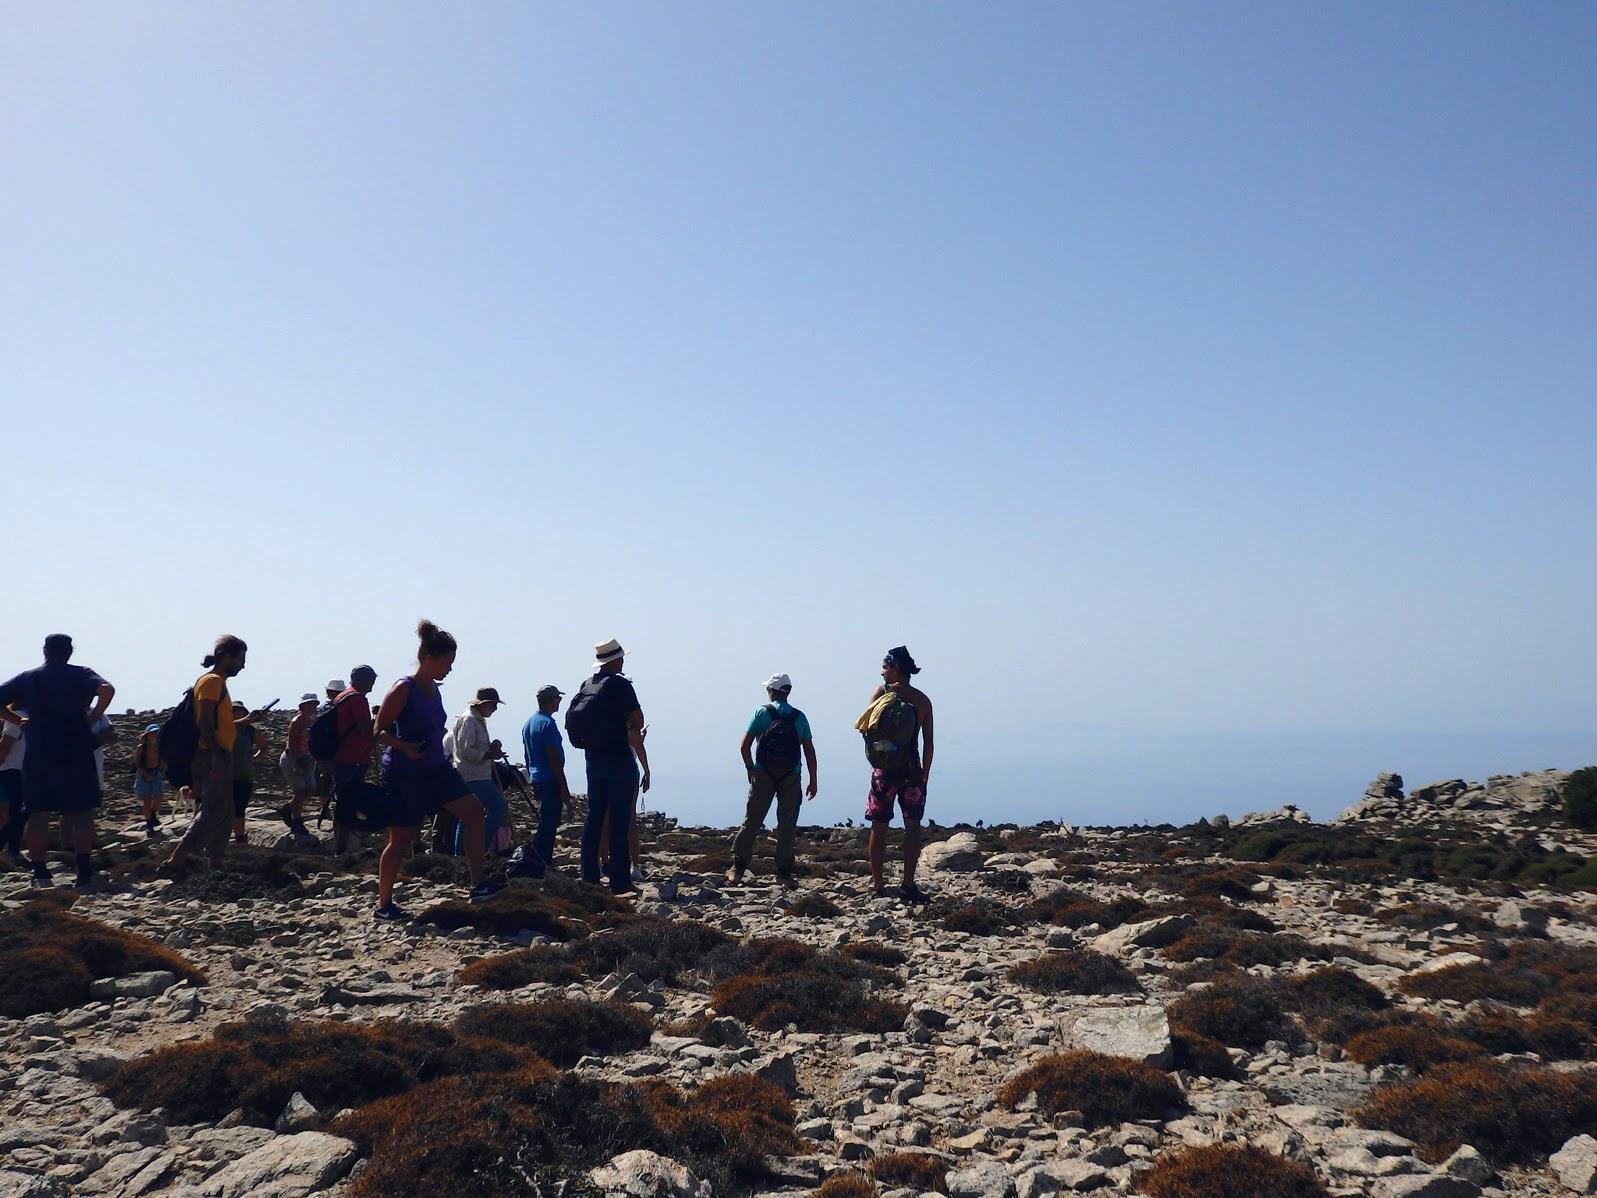 Από την Εριφή, μετά την πρώτη ανάβαση, πρώτη θέα προς τη θάλασσα